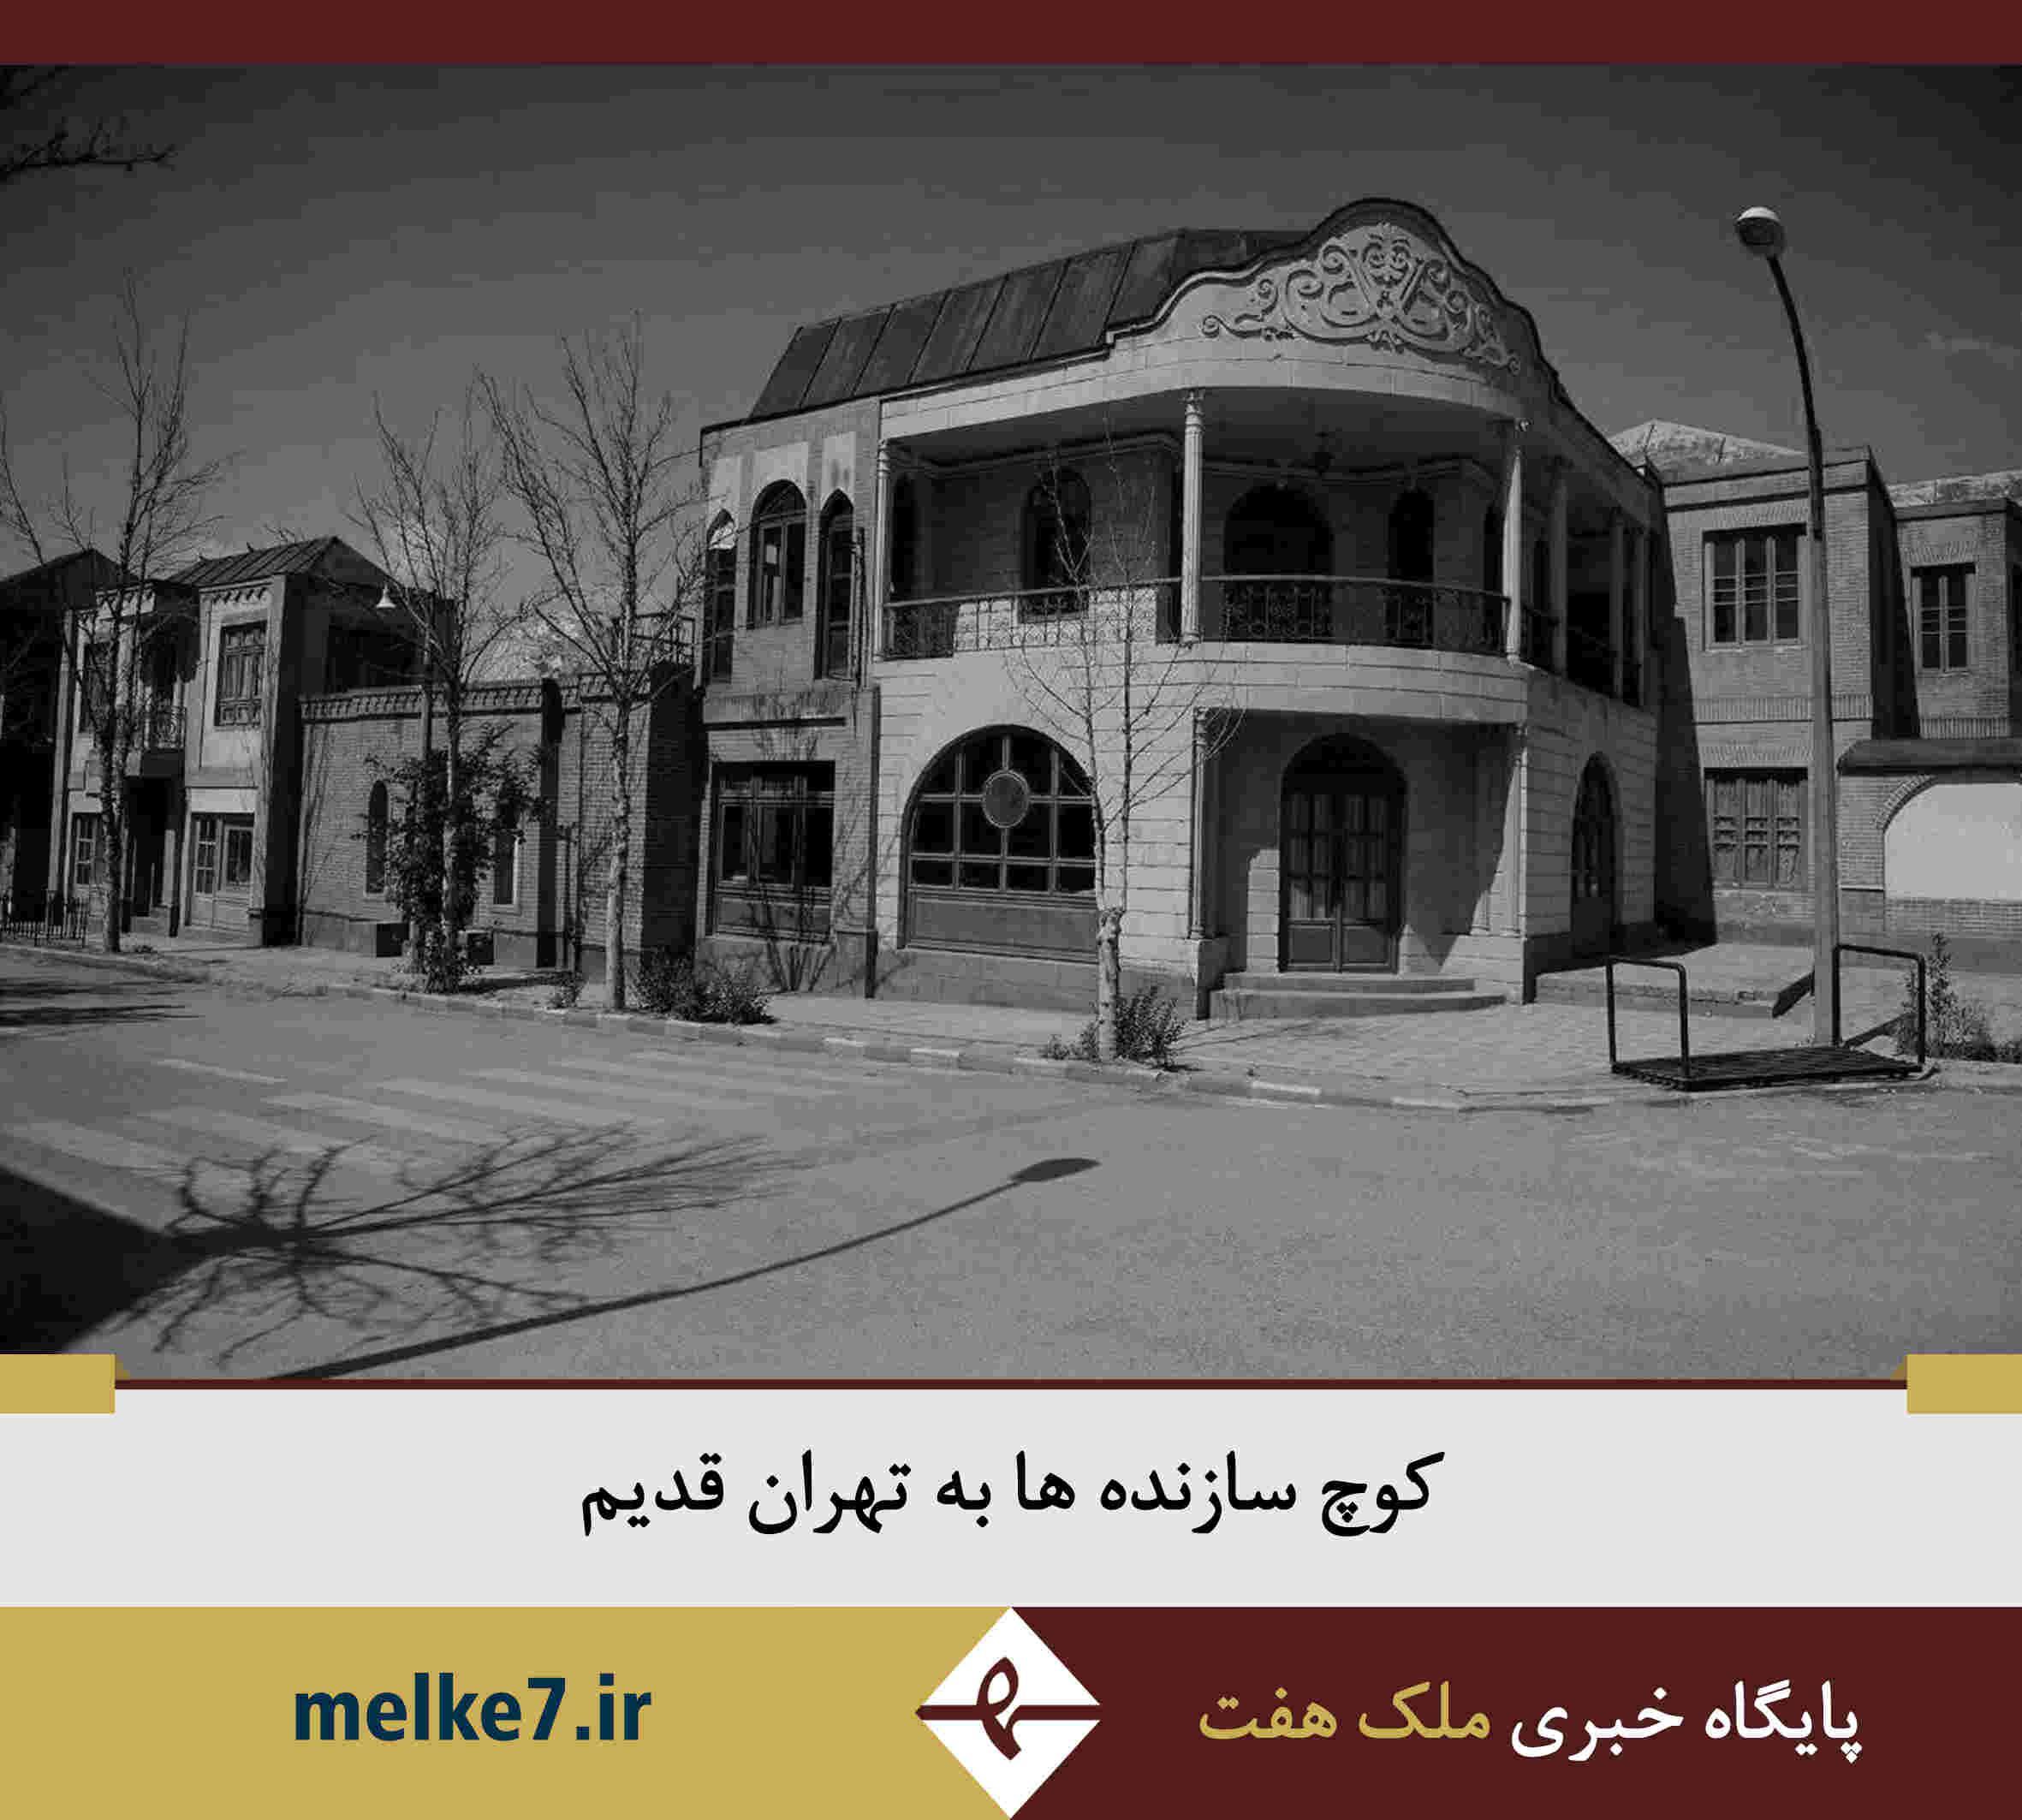 کوچ سازندهها به تهران قدیم